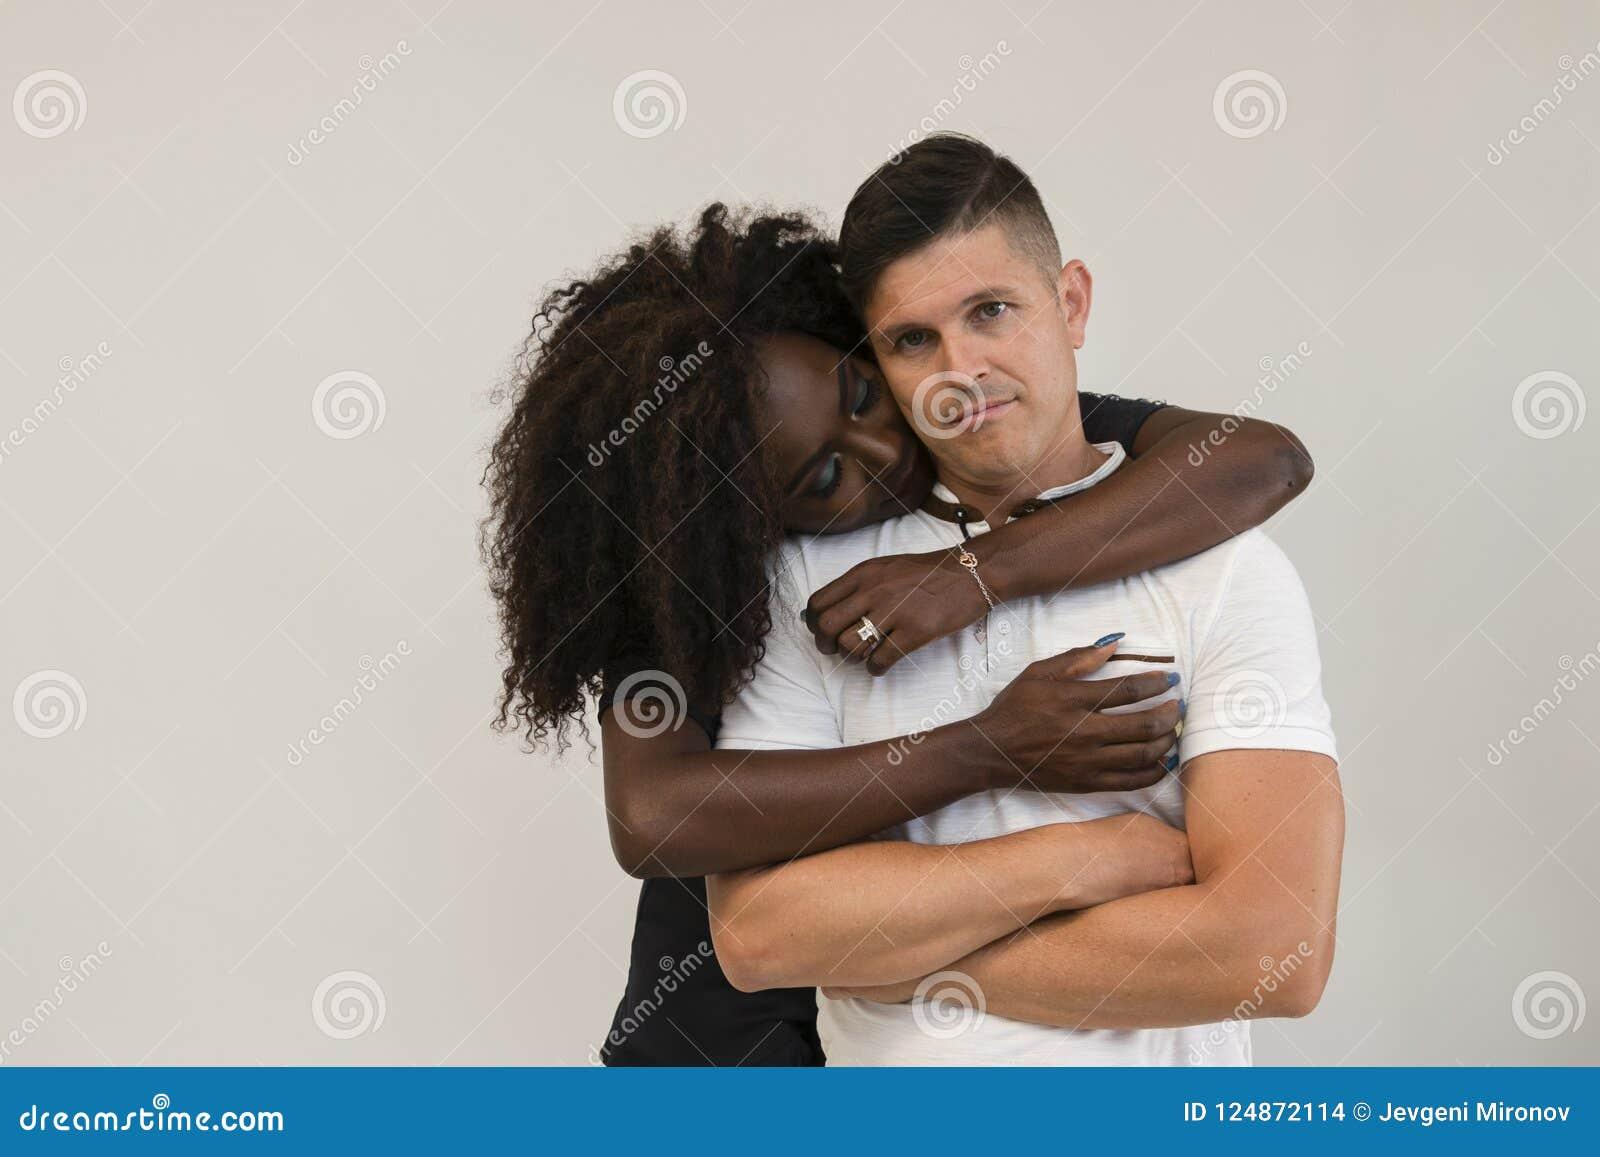 Mischrasse-Familie Junge zarte Frau, die seinen Ehemann umarmt lieben